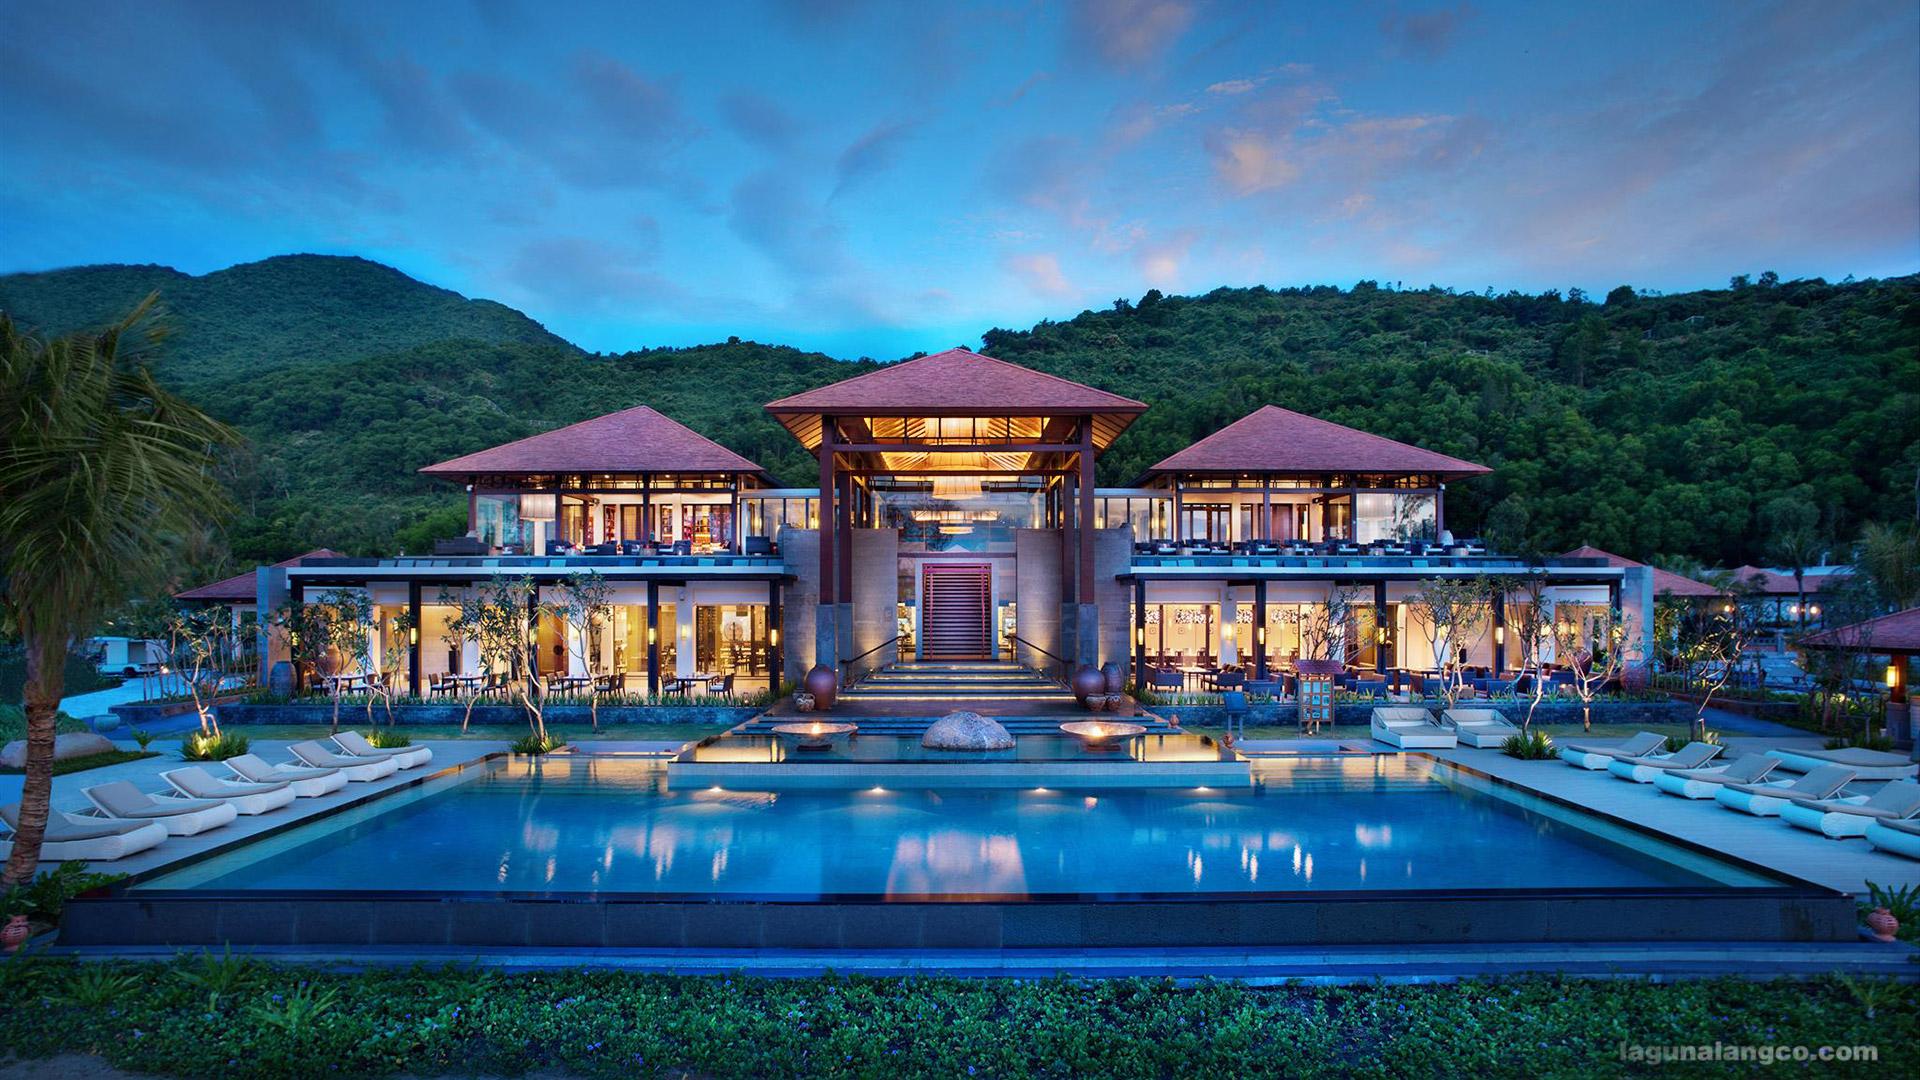 Khu nghỉ dưỡng Banyan Tree Lăng Cô resort